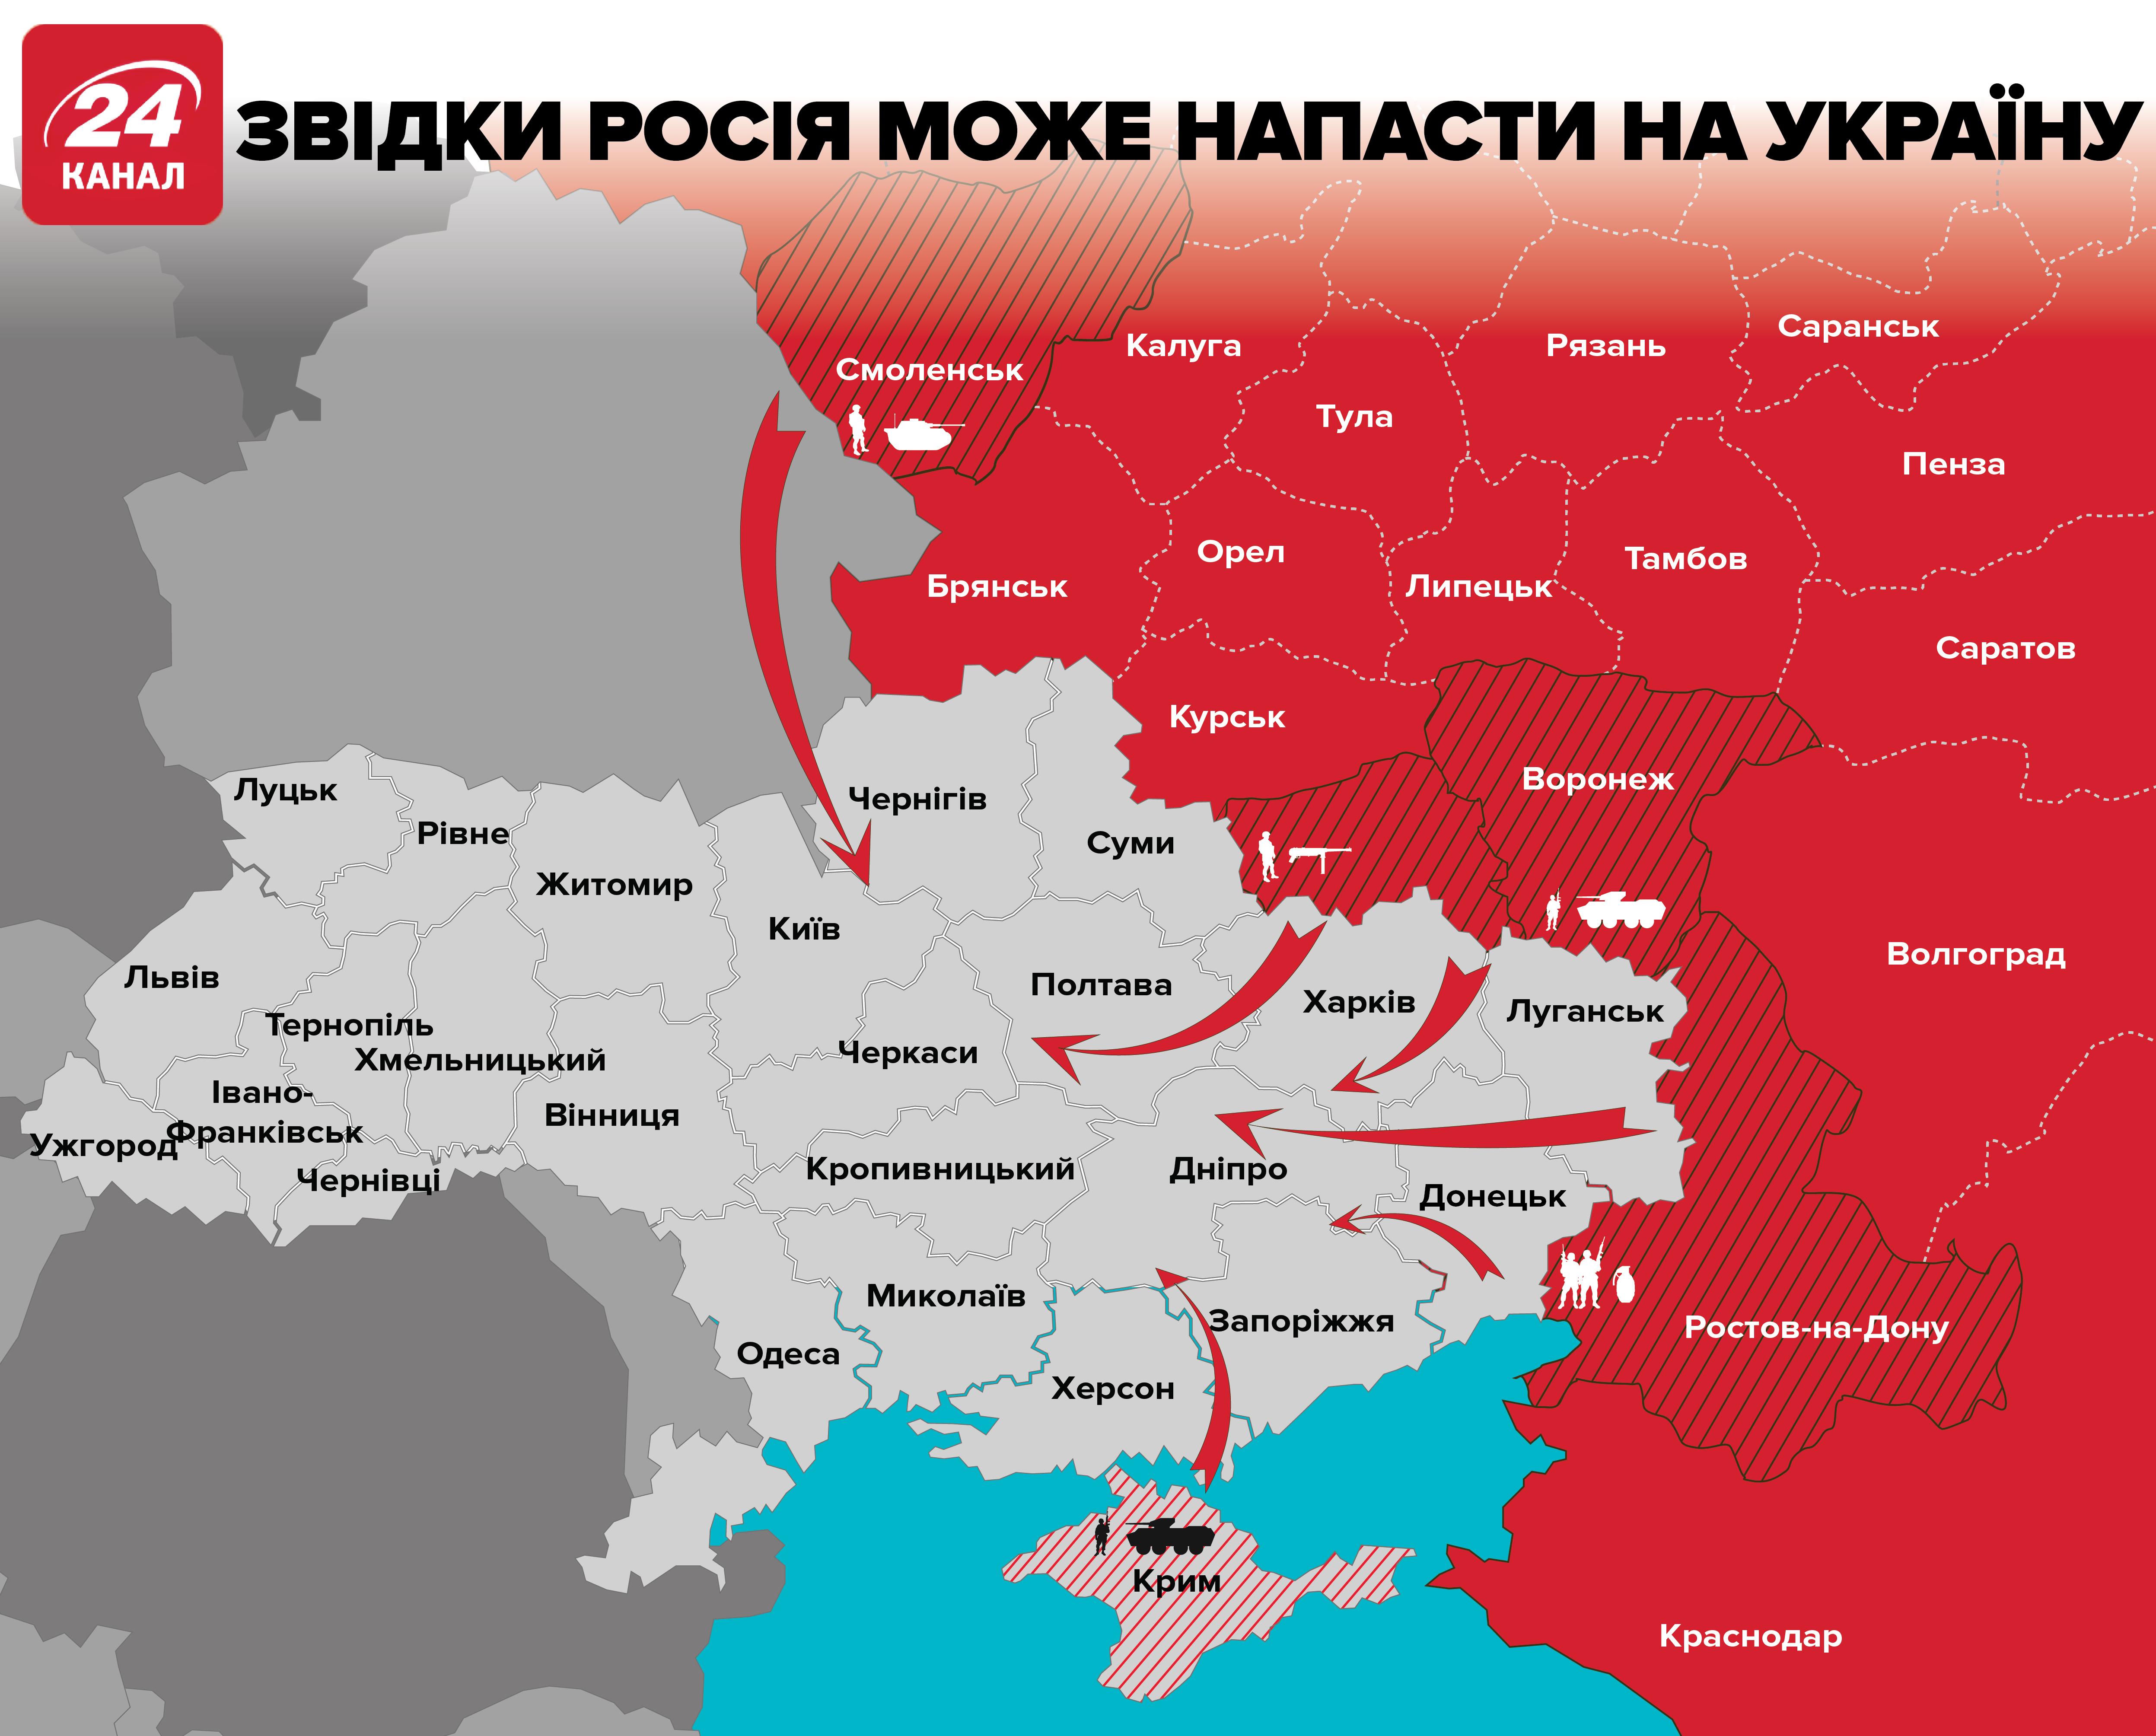 грузія україна росія